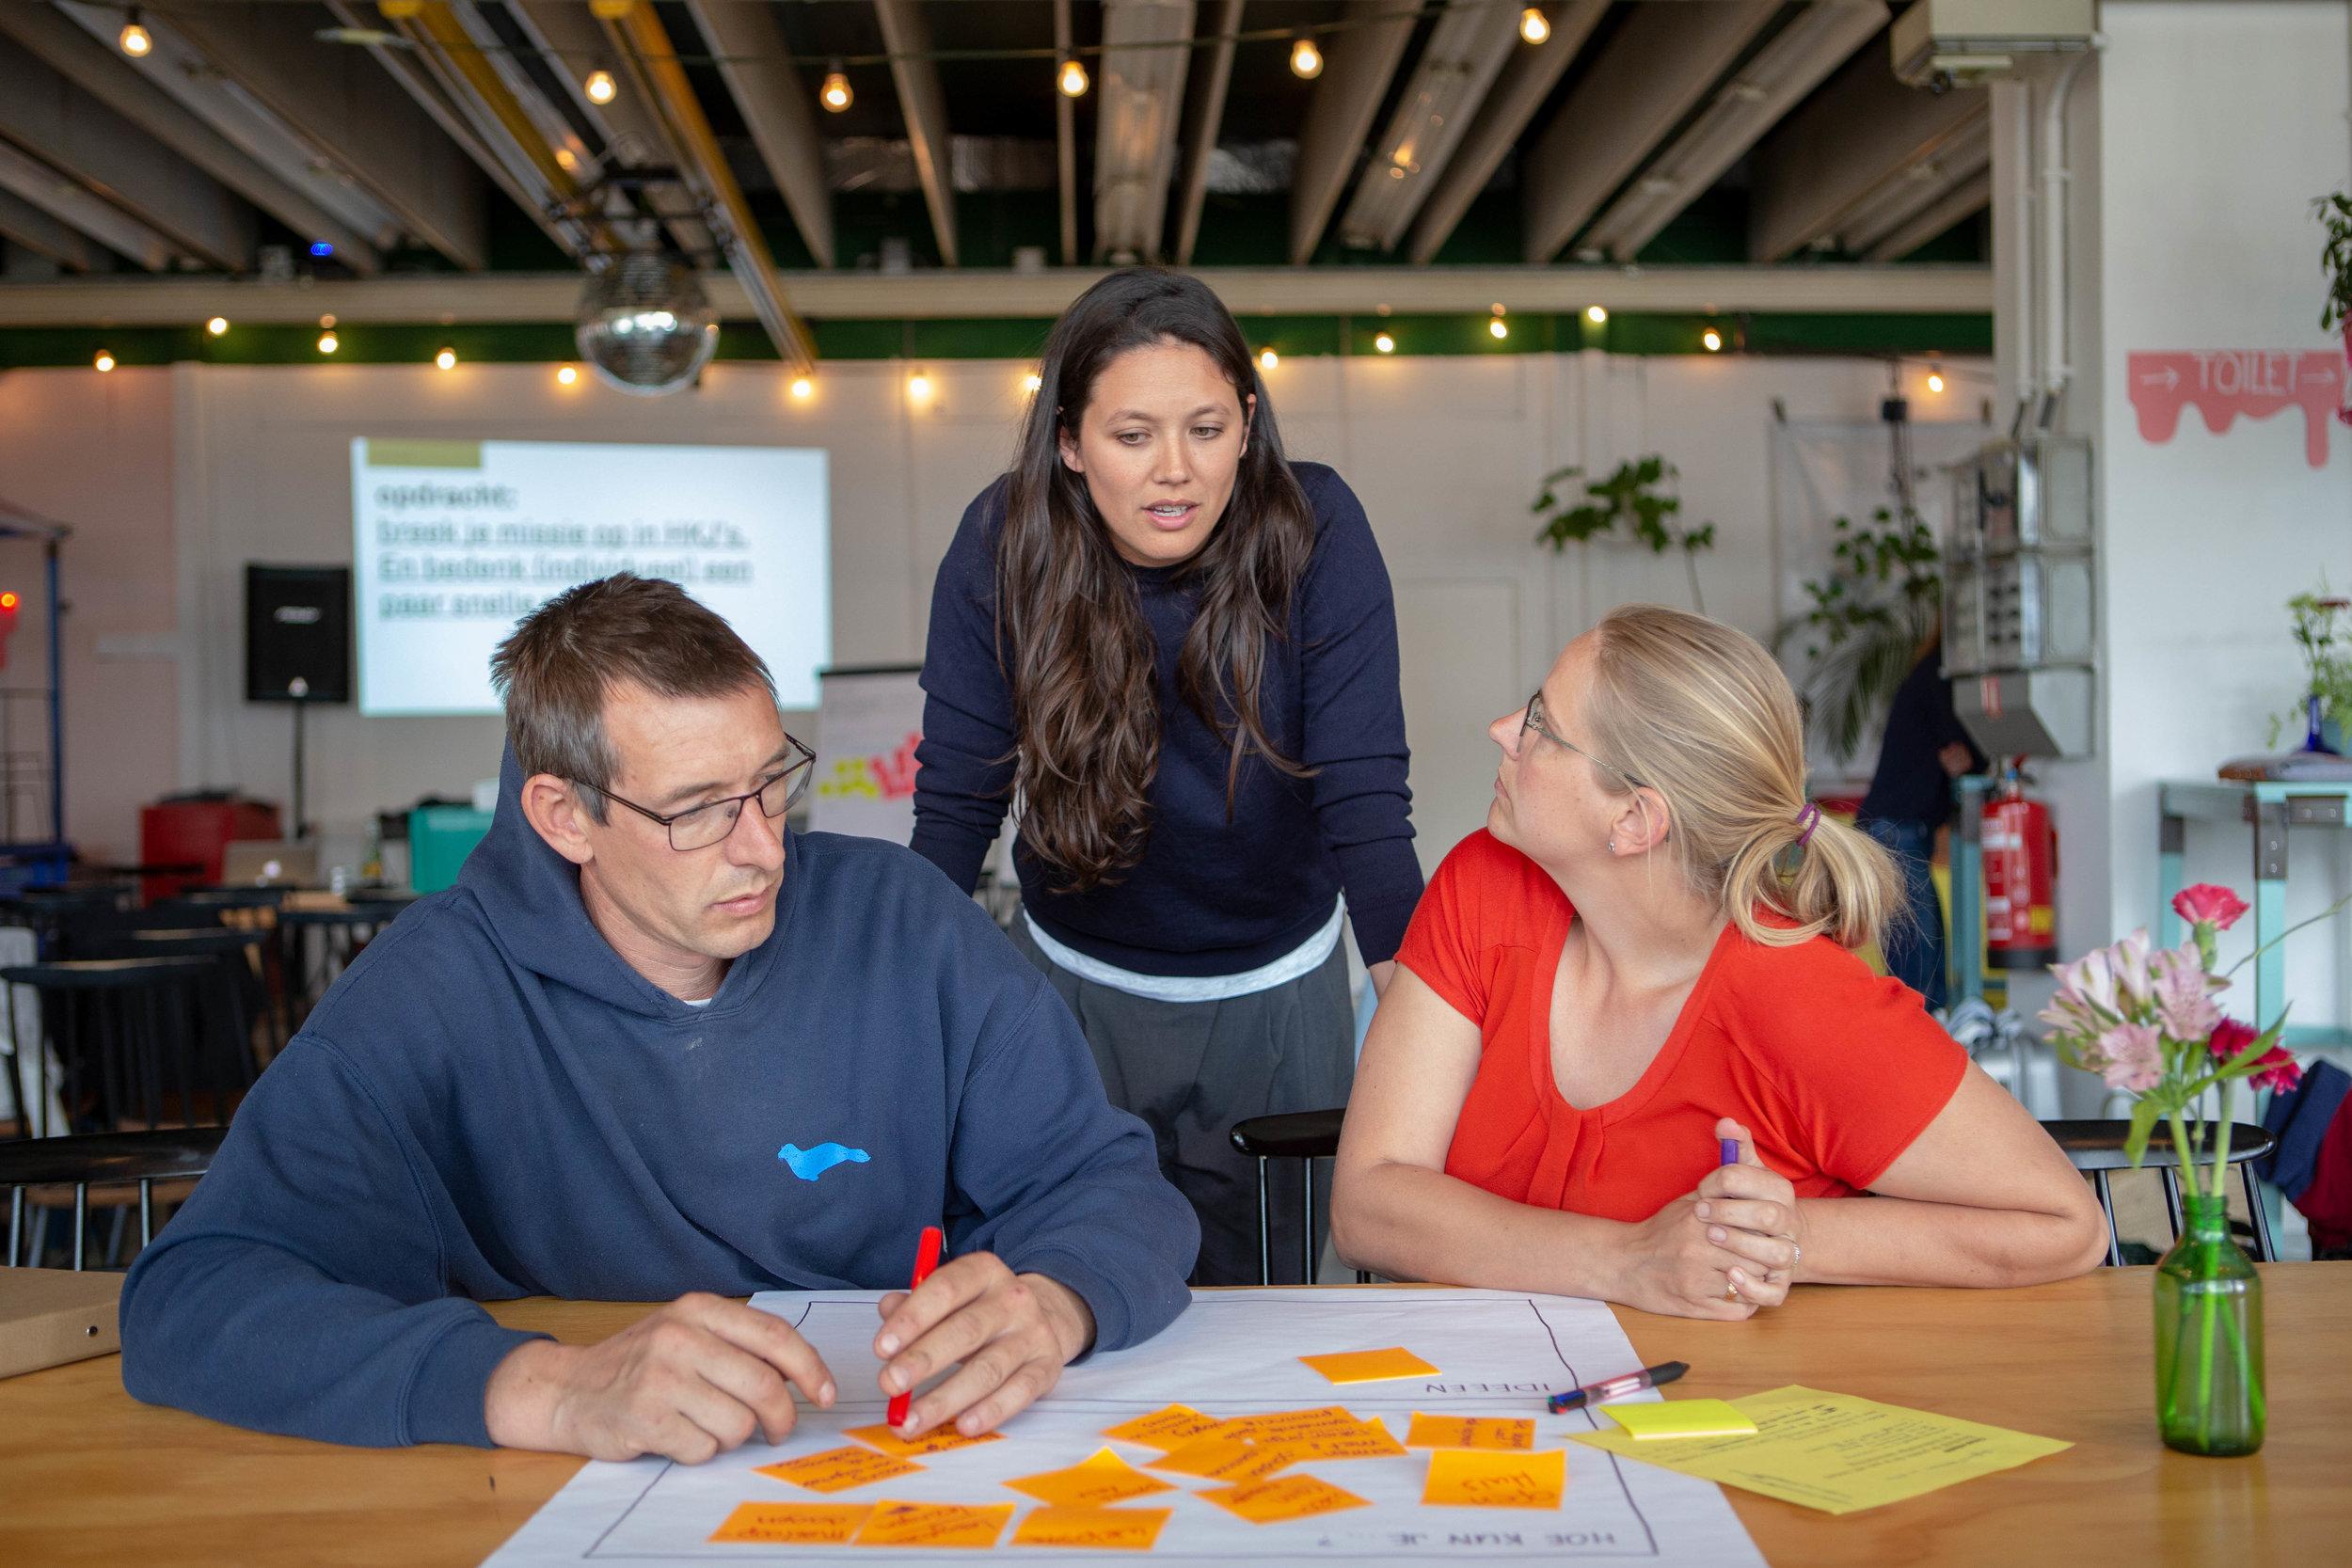 Deelnemer Stefan Maerman, met zijn vrouw Hillie en Beatrijs Voorneman van Reframing Studio.